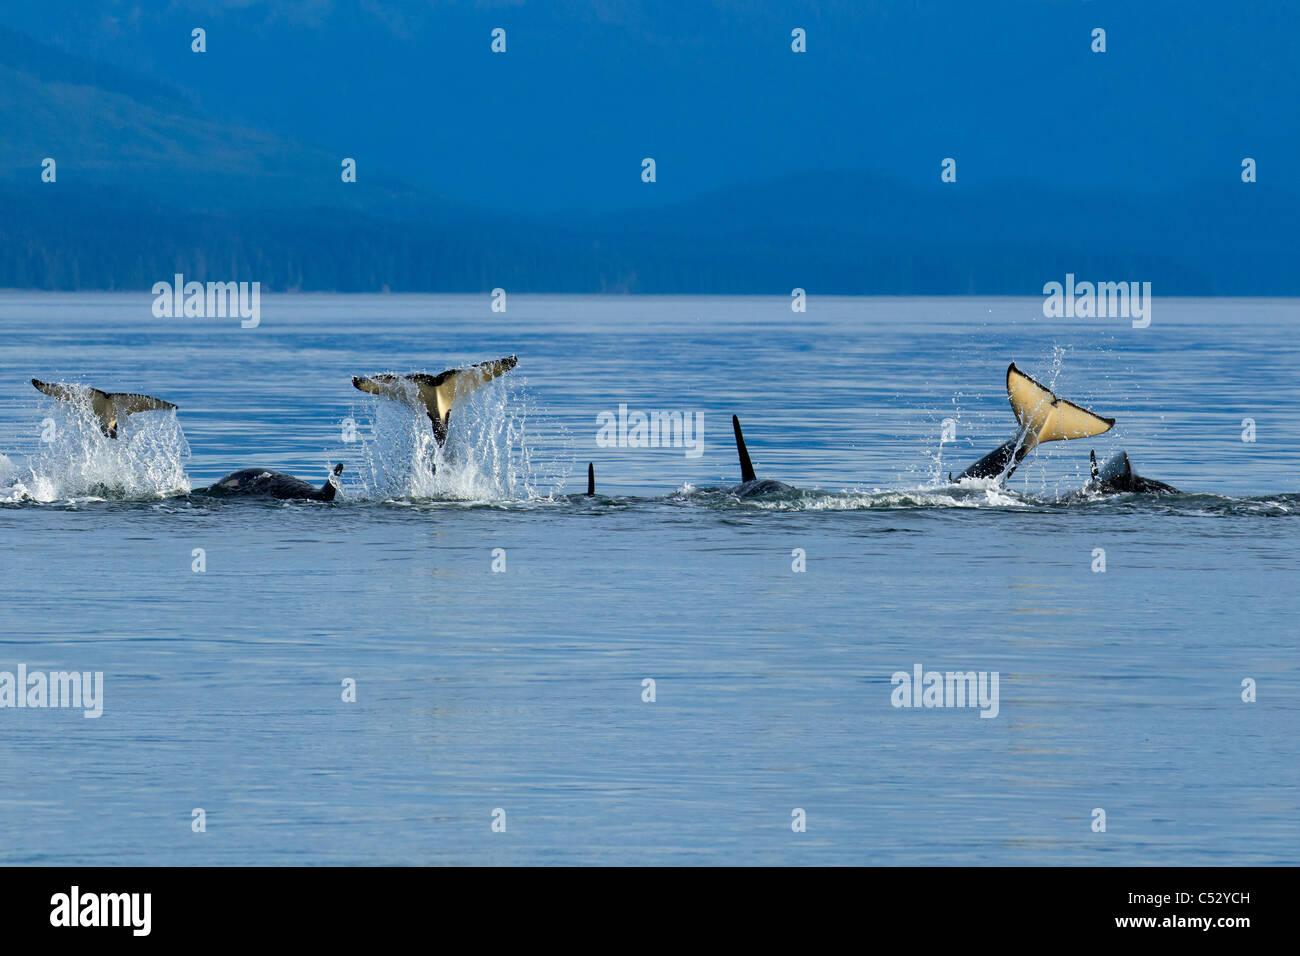 Orcas festivamente bofetada sus colas en la superficie en Chatham, dentro del estrecho pasaje, sureste de Alaska, Imagen De Stock